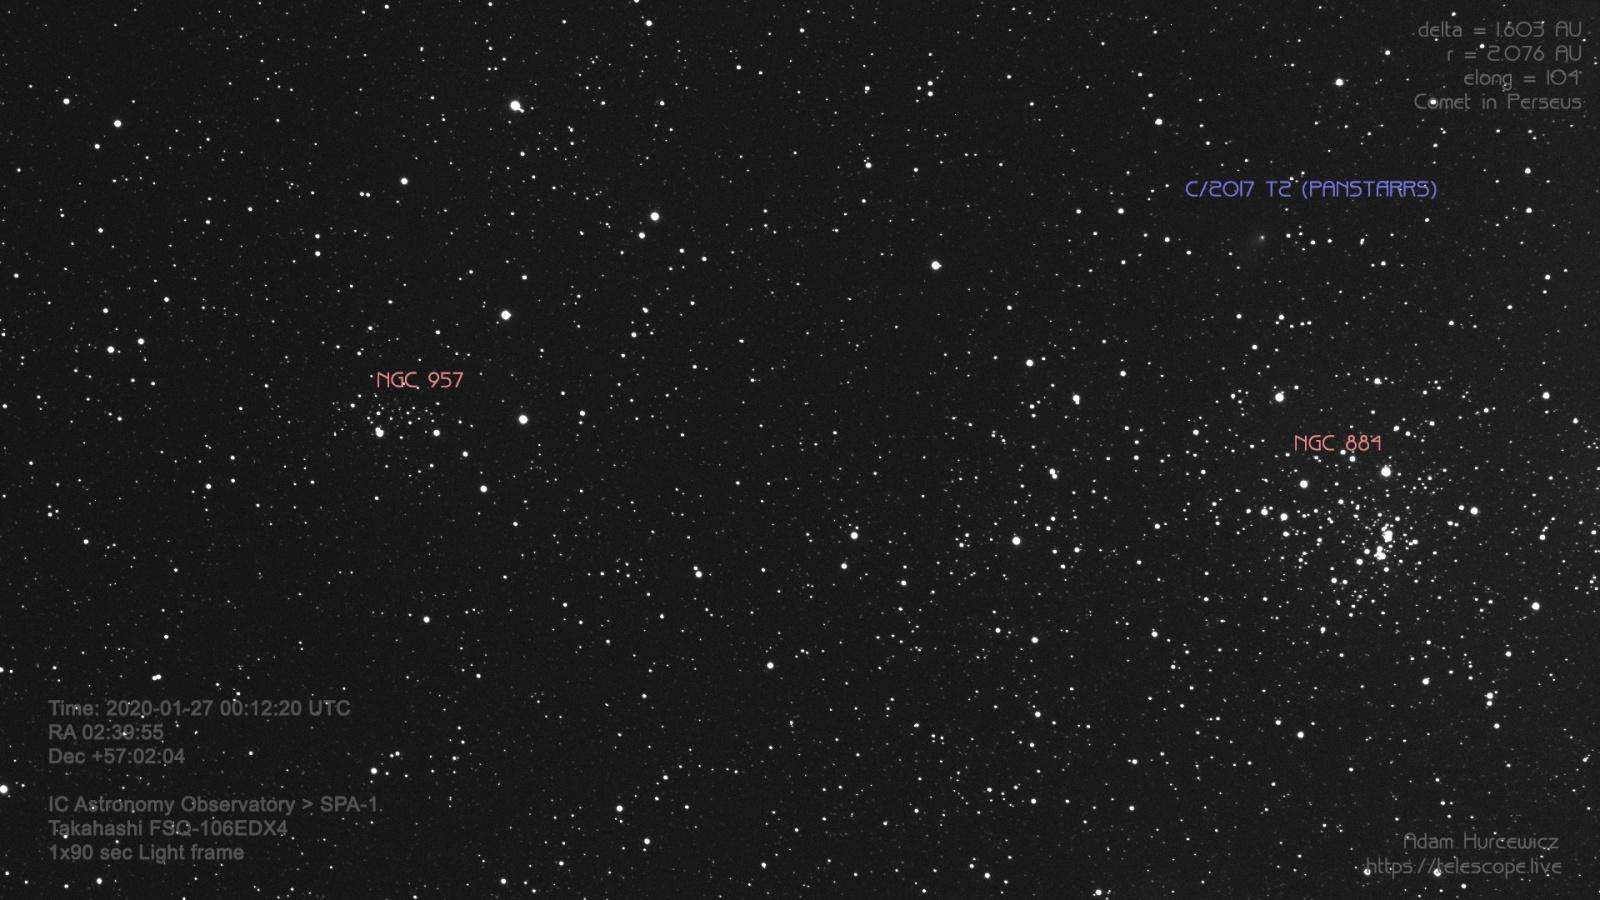 2020-01-27T00-12-20_comet_C-2017_T2_Luminance_T-25_90s.thumb.jpg.c6d78a26bdc62972847169f3c49da739.jpg